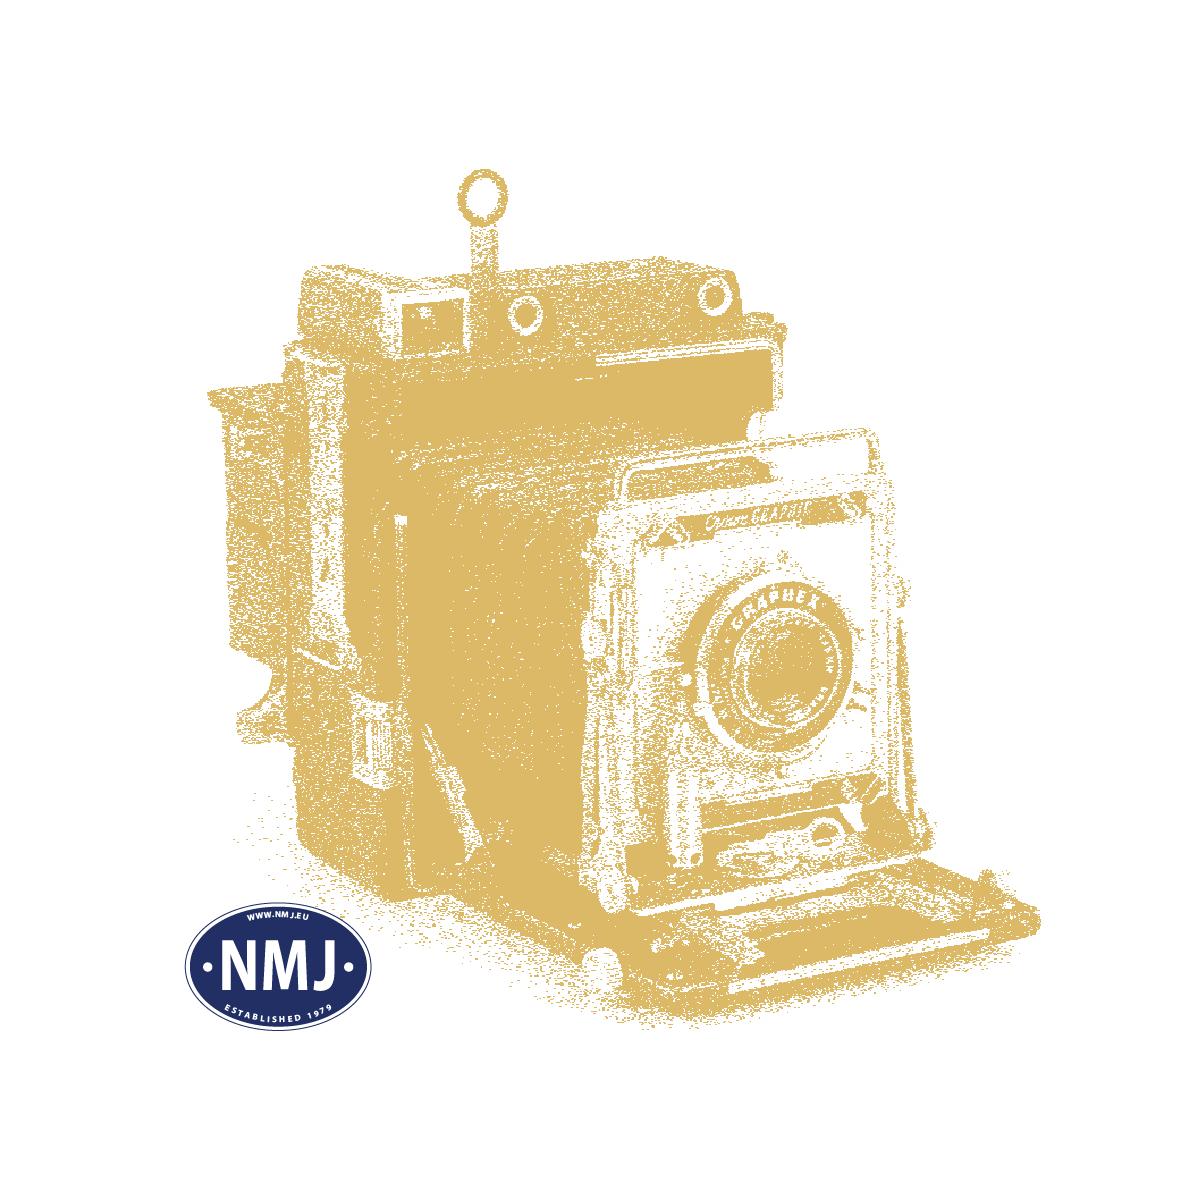 NMJB1107 - Messing Spiegel und Signalhorn